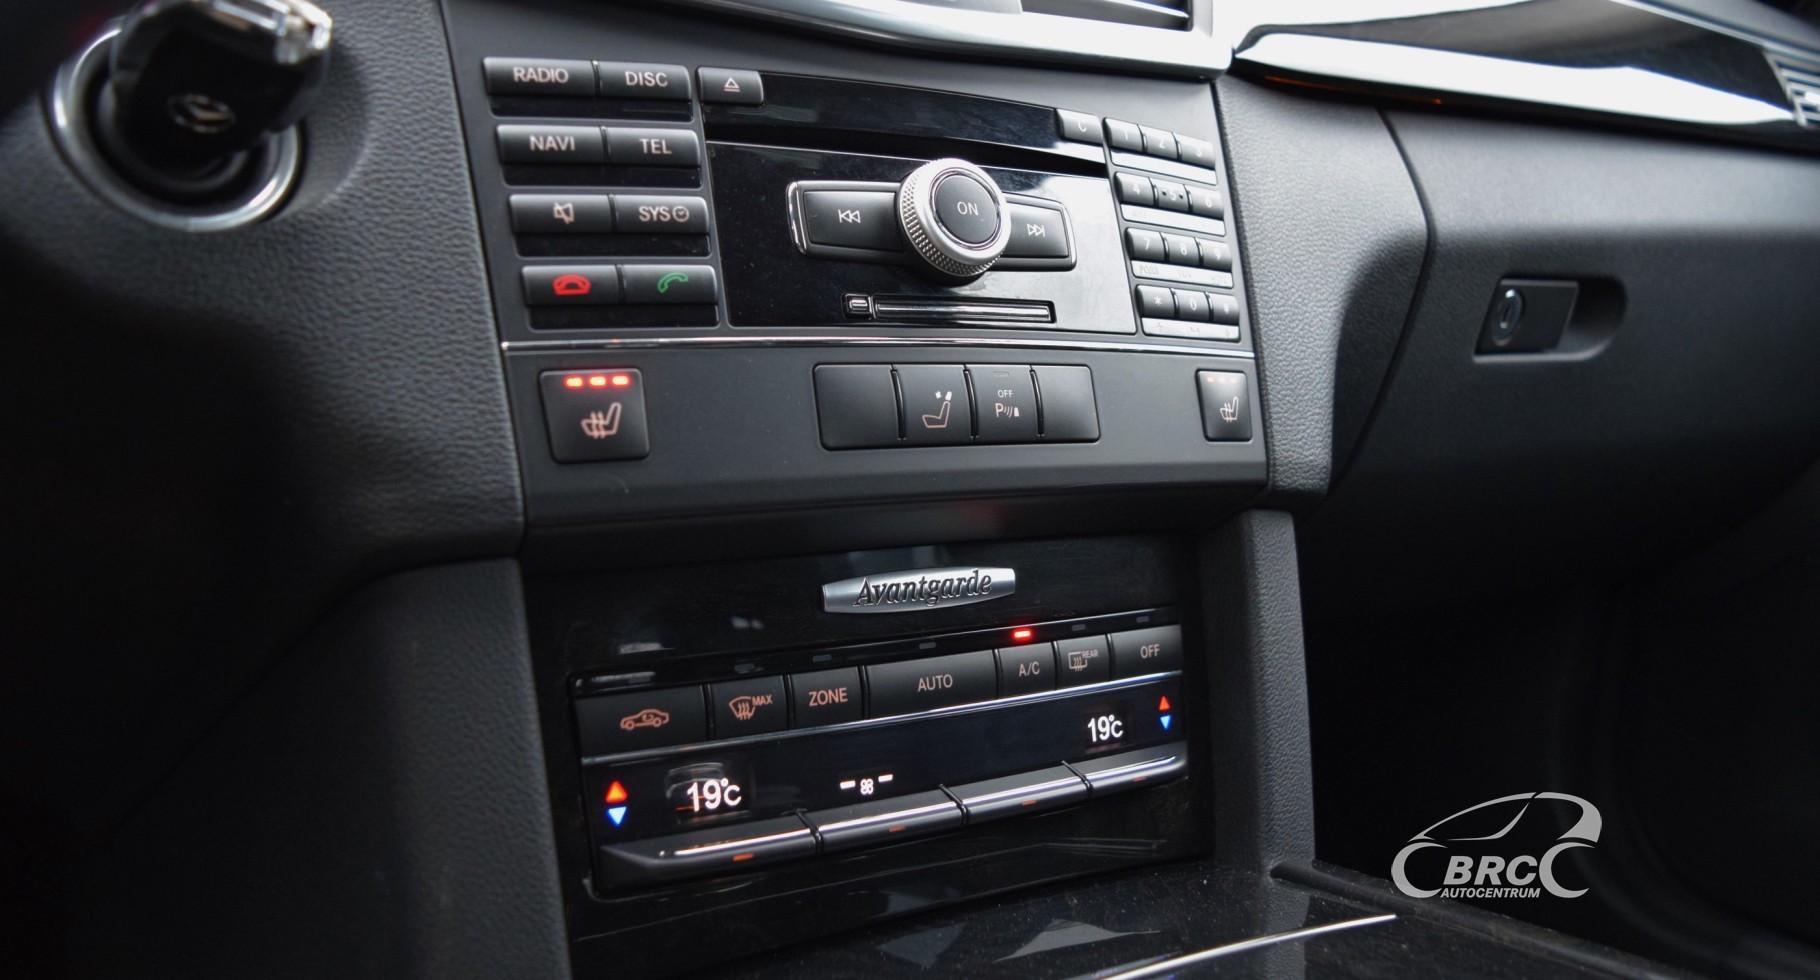 Mercedes-Benz E 350 Avantgarde